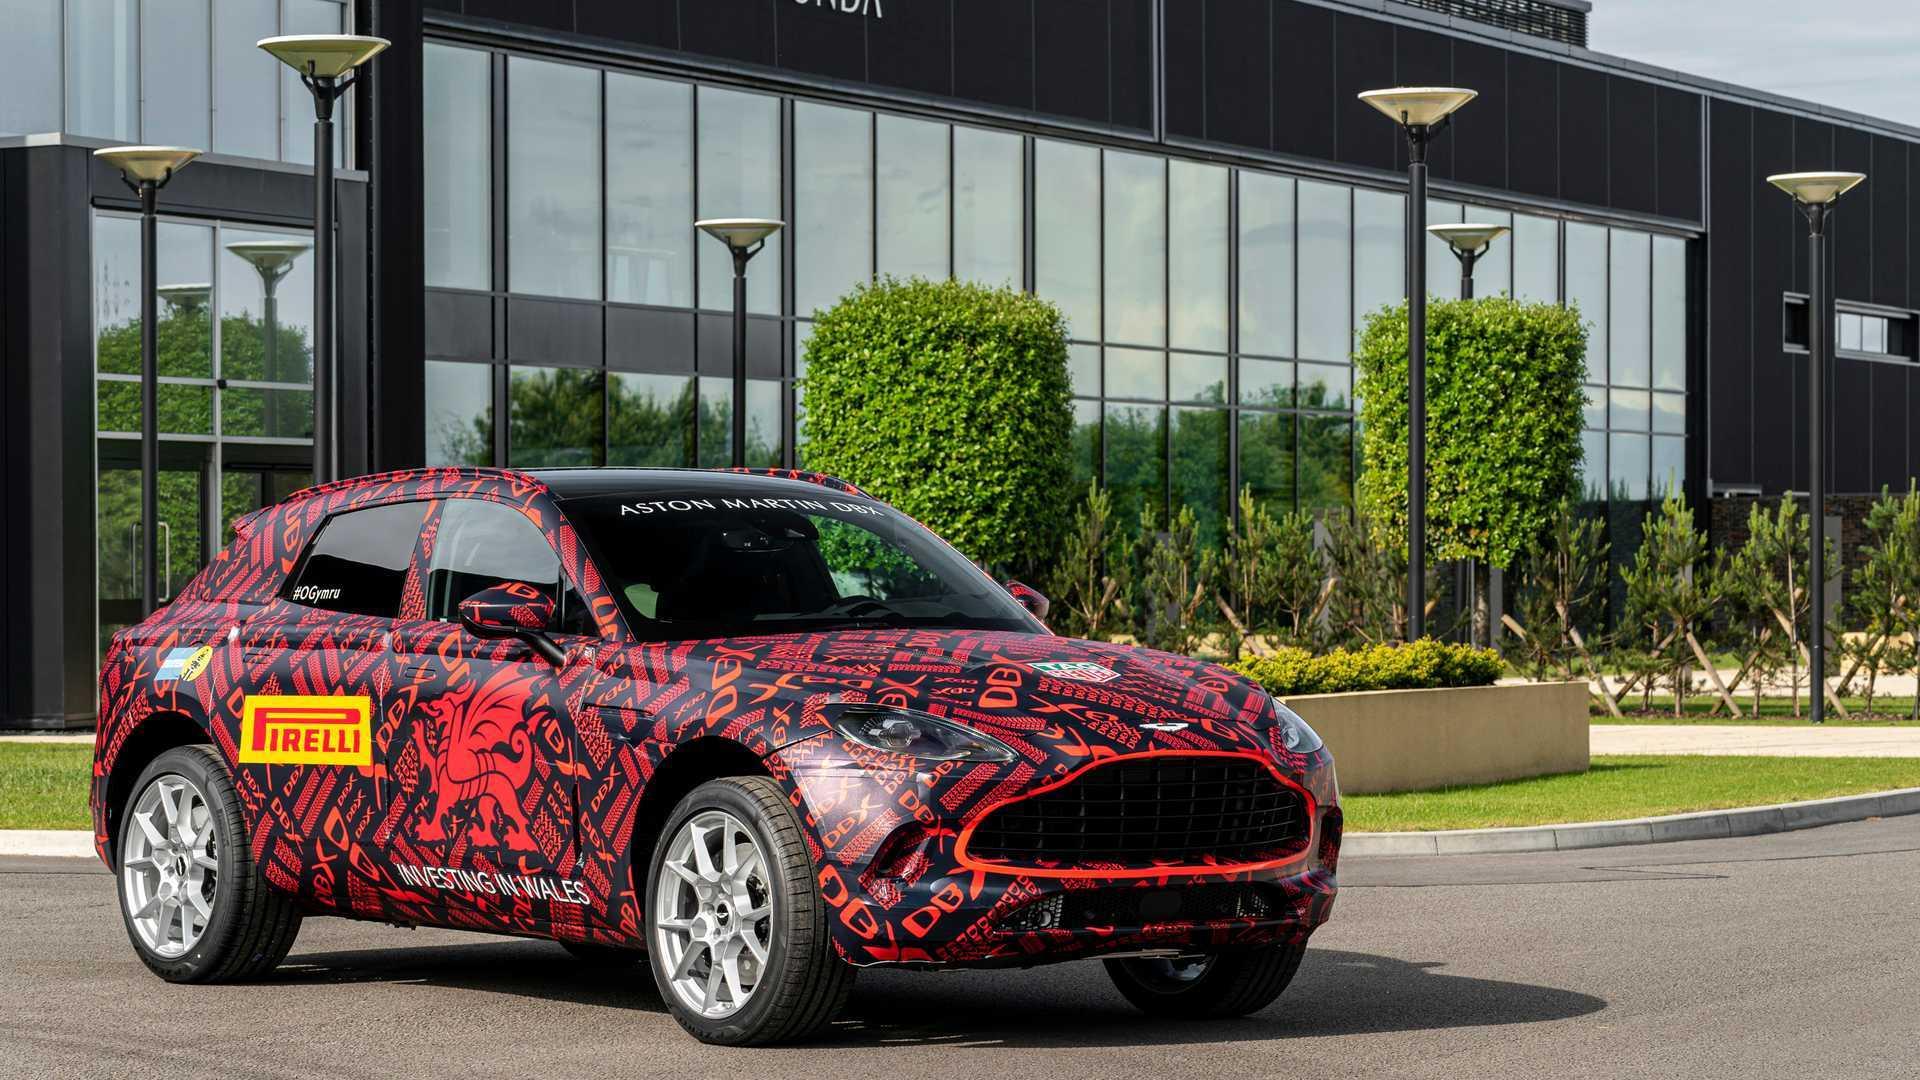 Aston Martin DBX прибывает в Goodwood FoS как неизбежный внедорожник